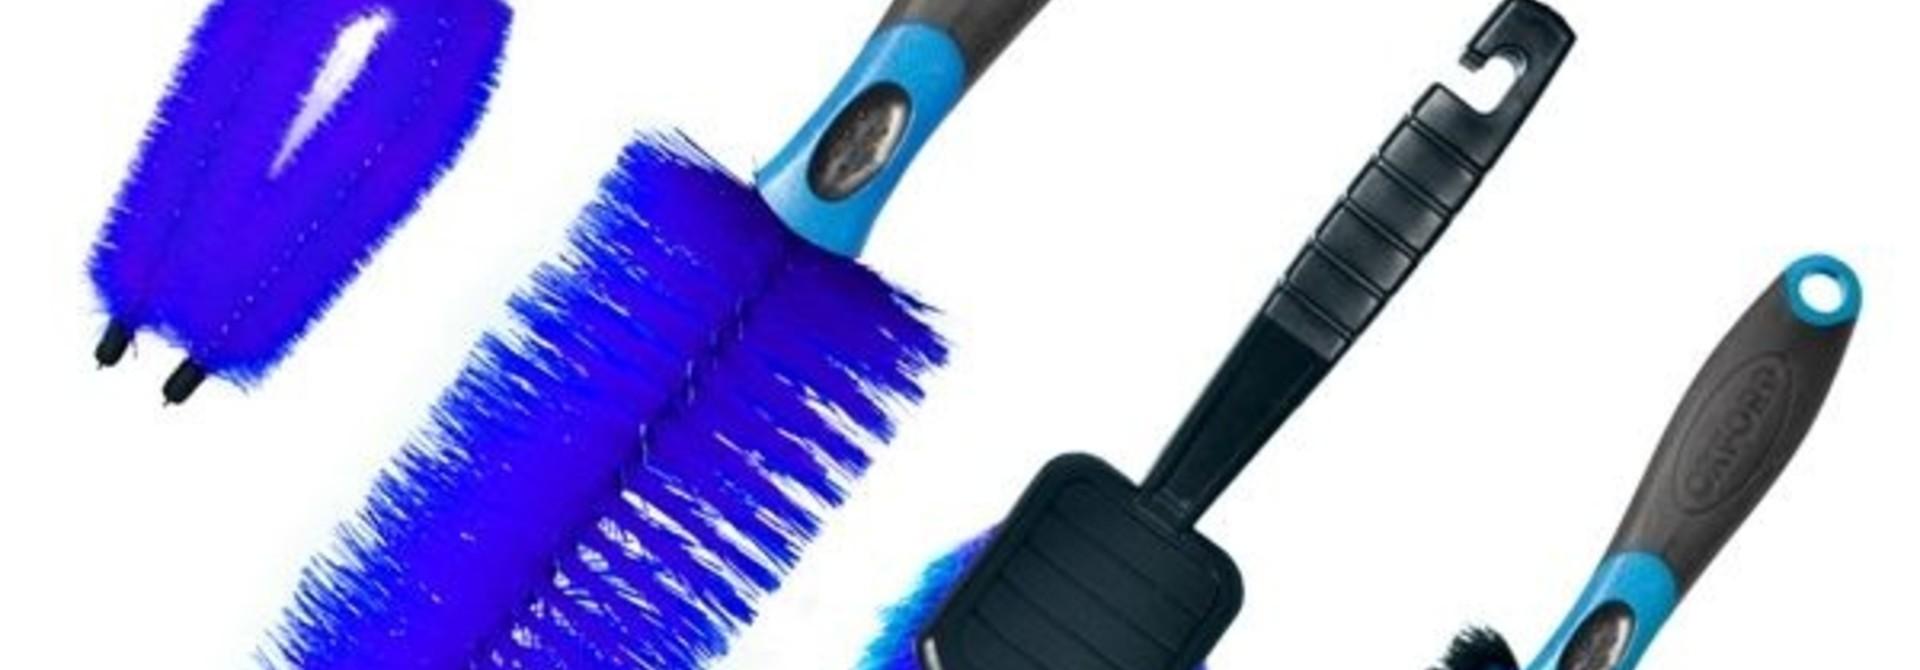 Brush & Scrub 4 pack